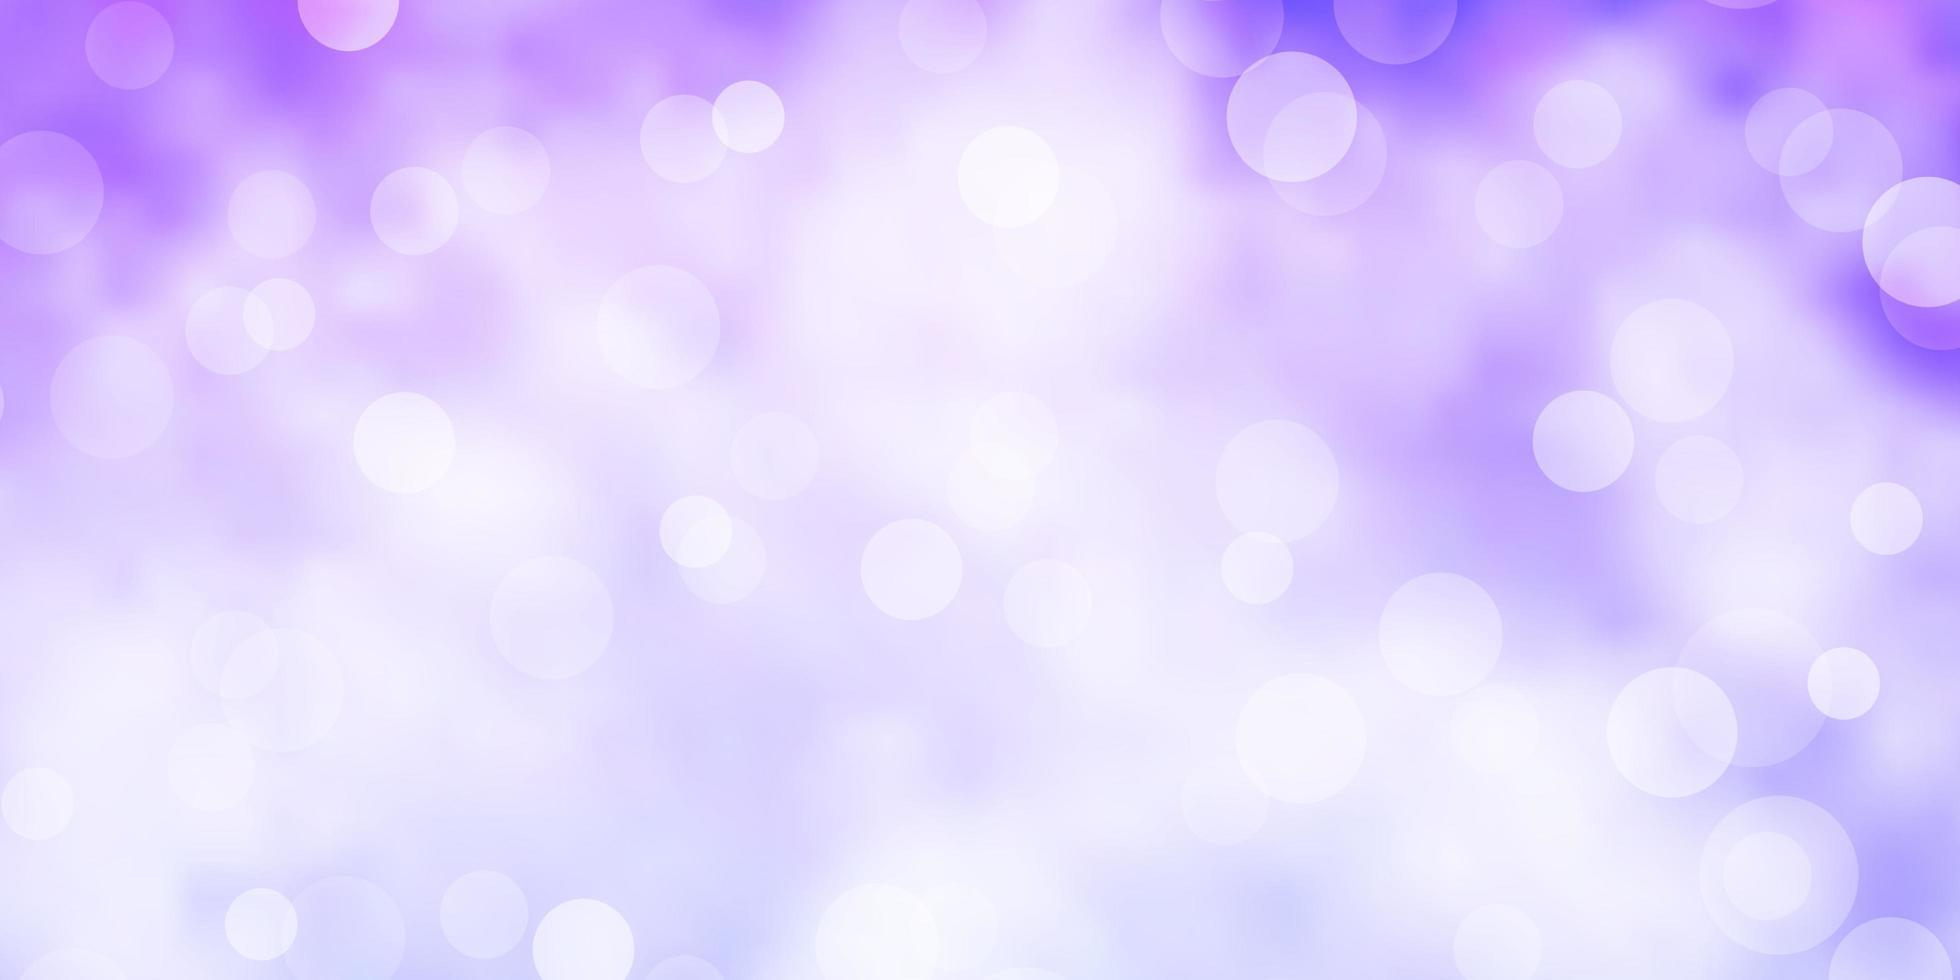 hellvioletter Vektorhintergrund mit Blasen. vektor